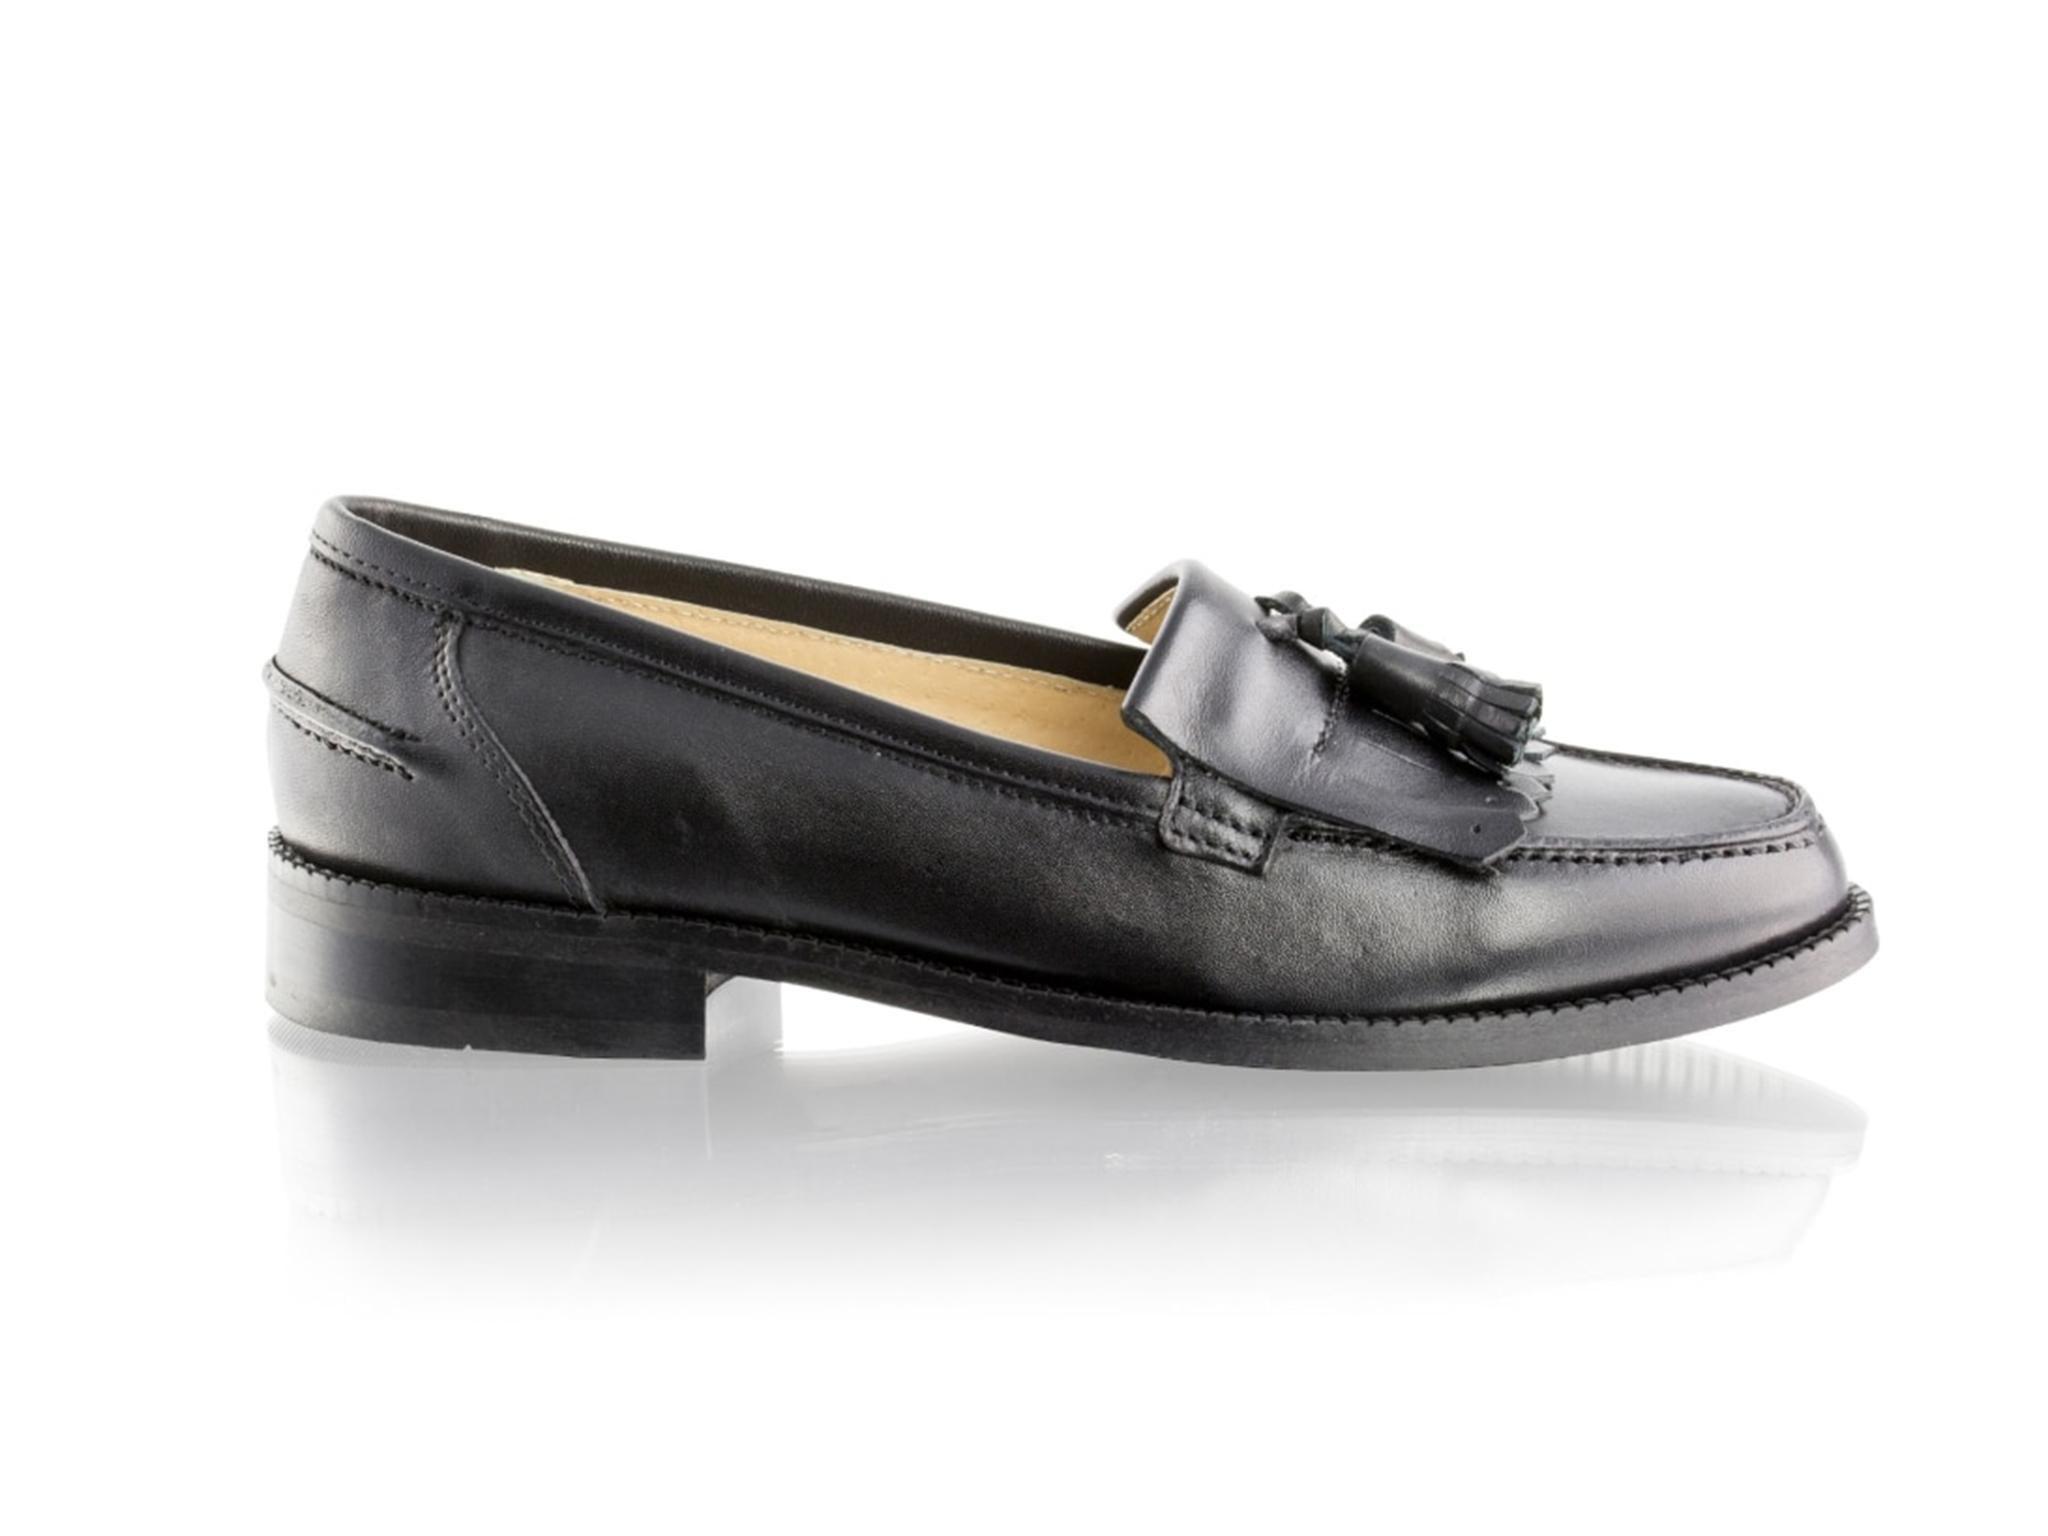 Best school shoes 2020: Comfortable